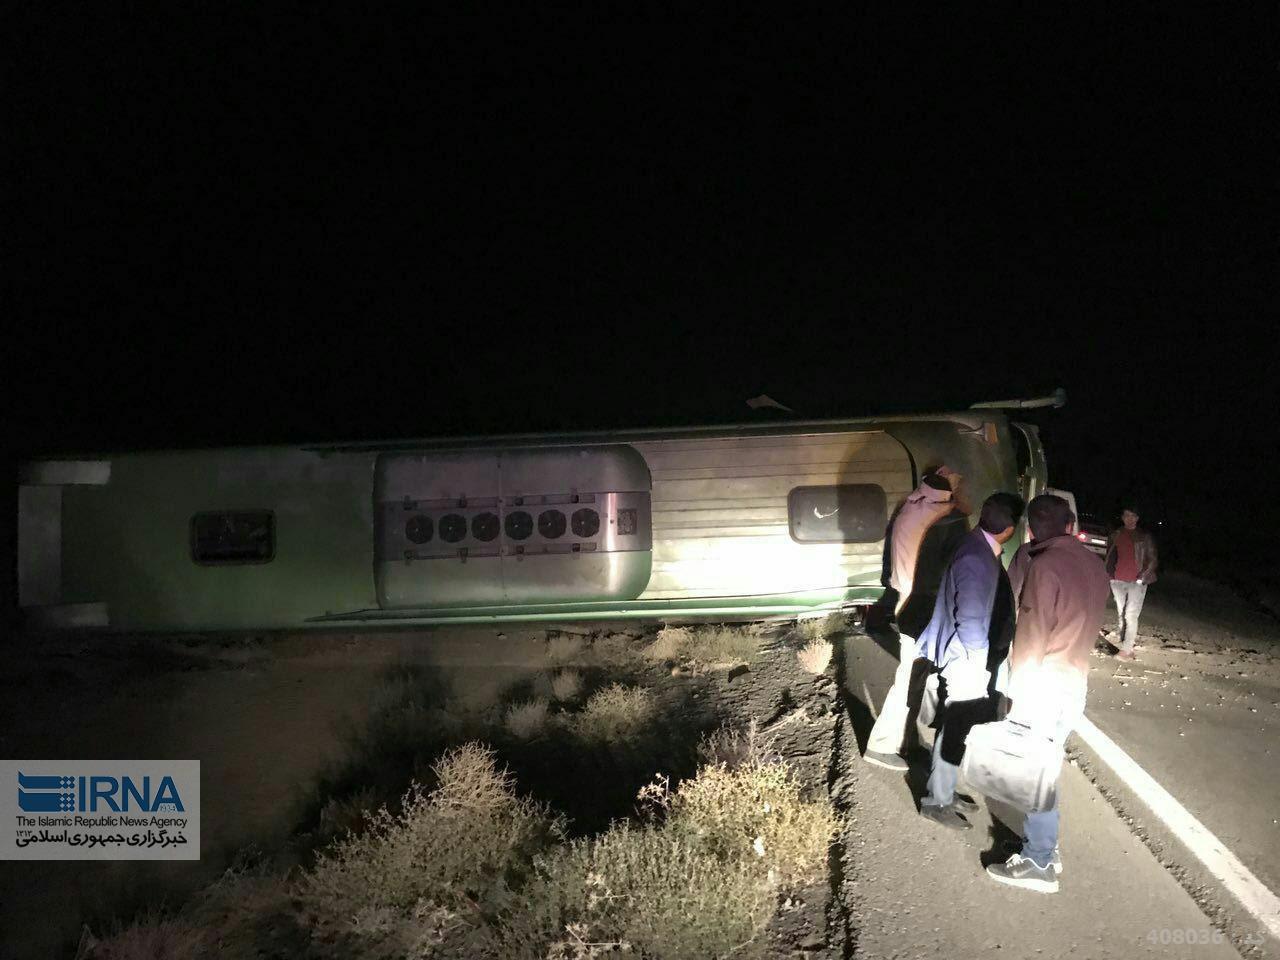 واژگونی اتوبوس در خراسان و مصدومیت 15 نفر (+عکس)